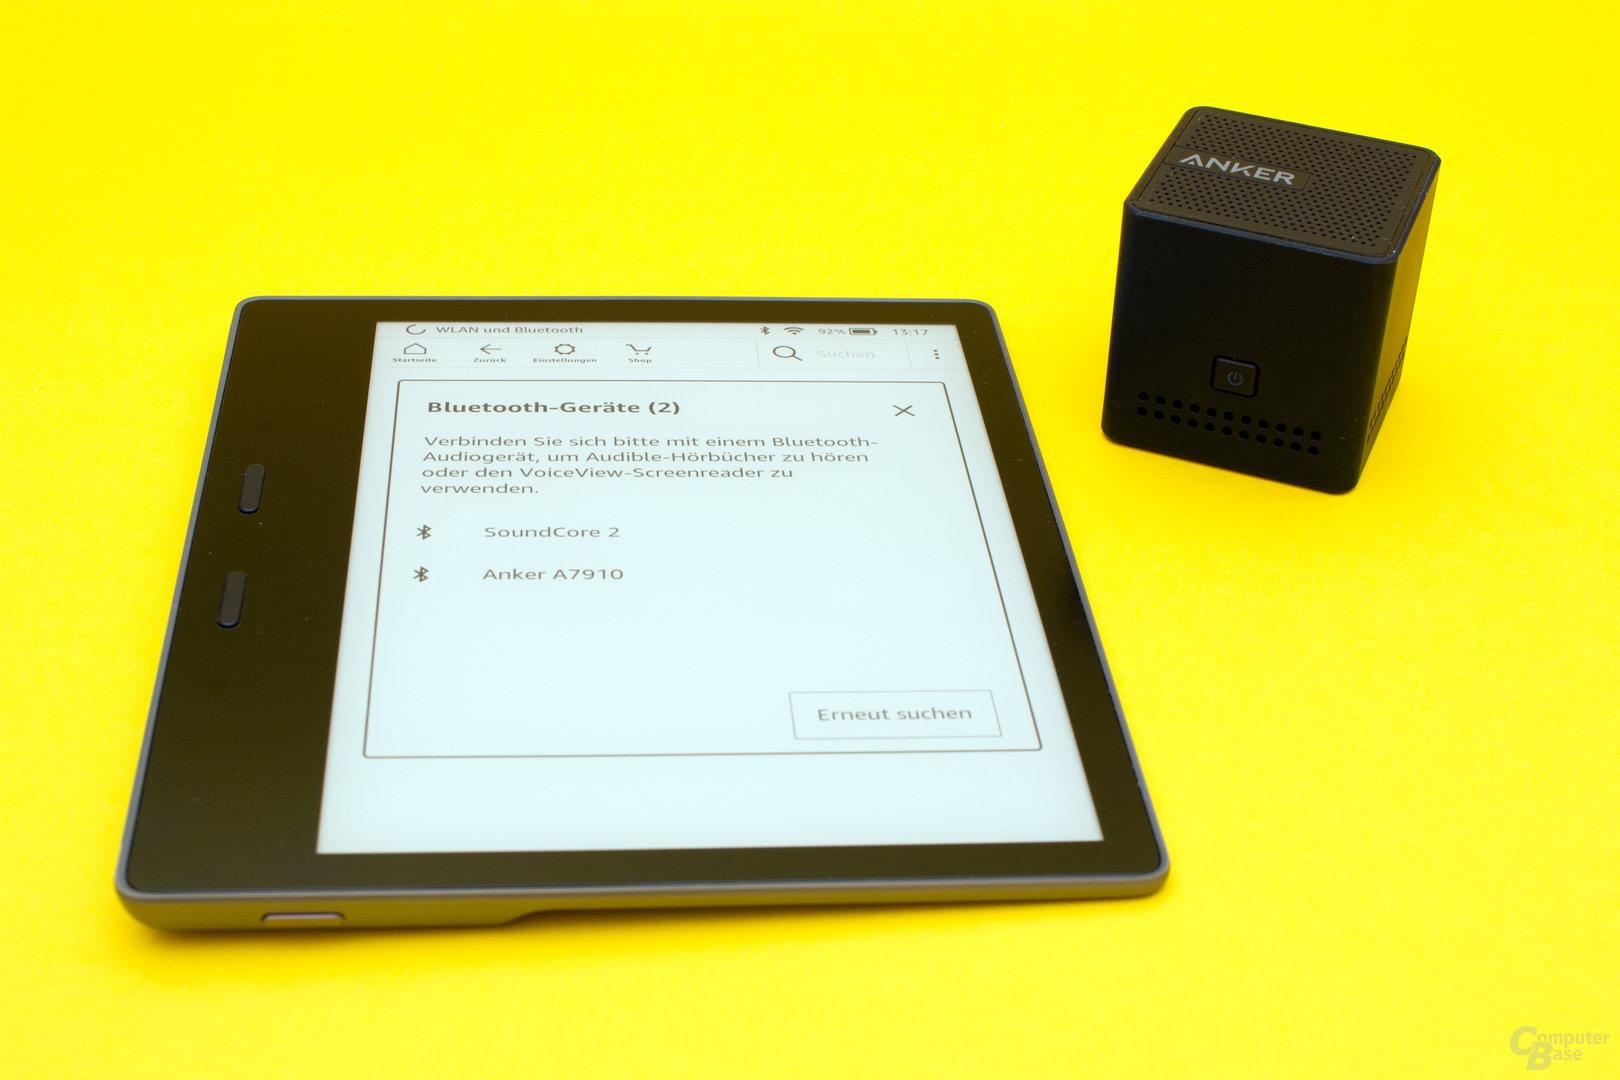 Leichte Bluetooth-Kopplung zur Nutzung der Audible-Integration